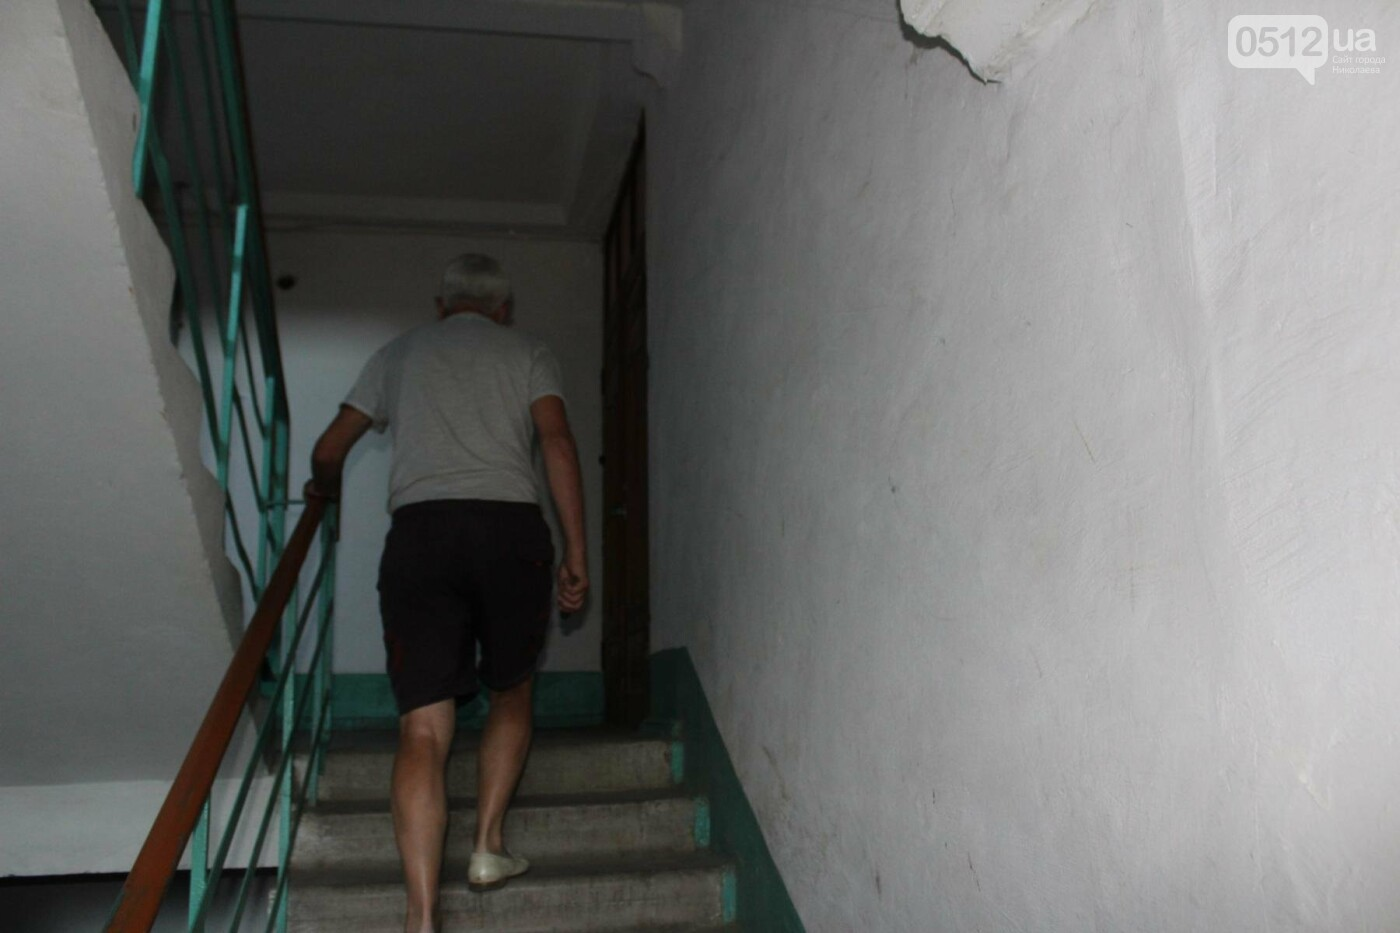 Поломанный лифт в многоэтажном доме Николаева ремонтируют уже 2 месяца, - ФОТО, ВИДЕО, фото-3